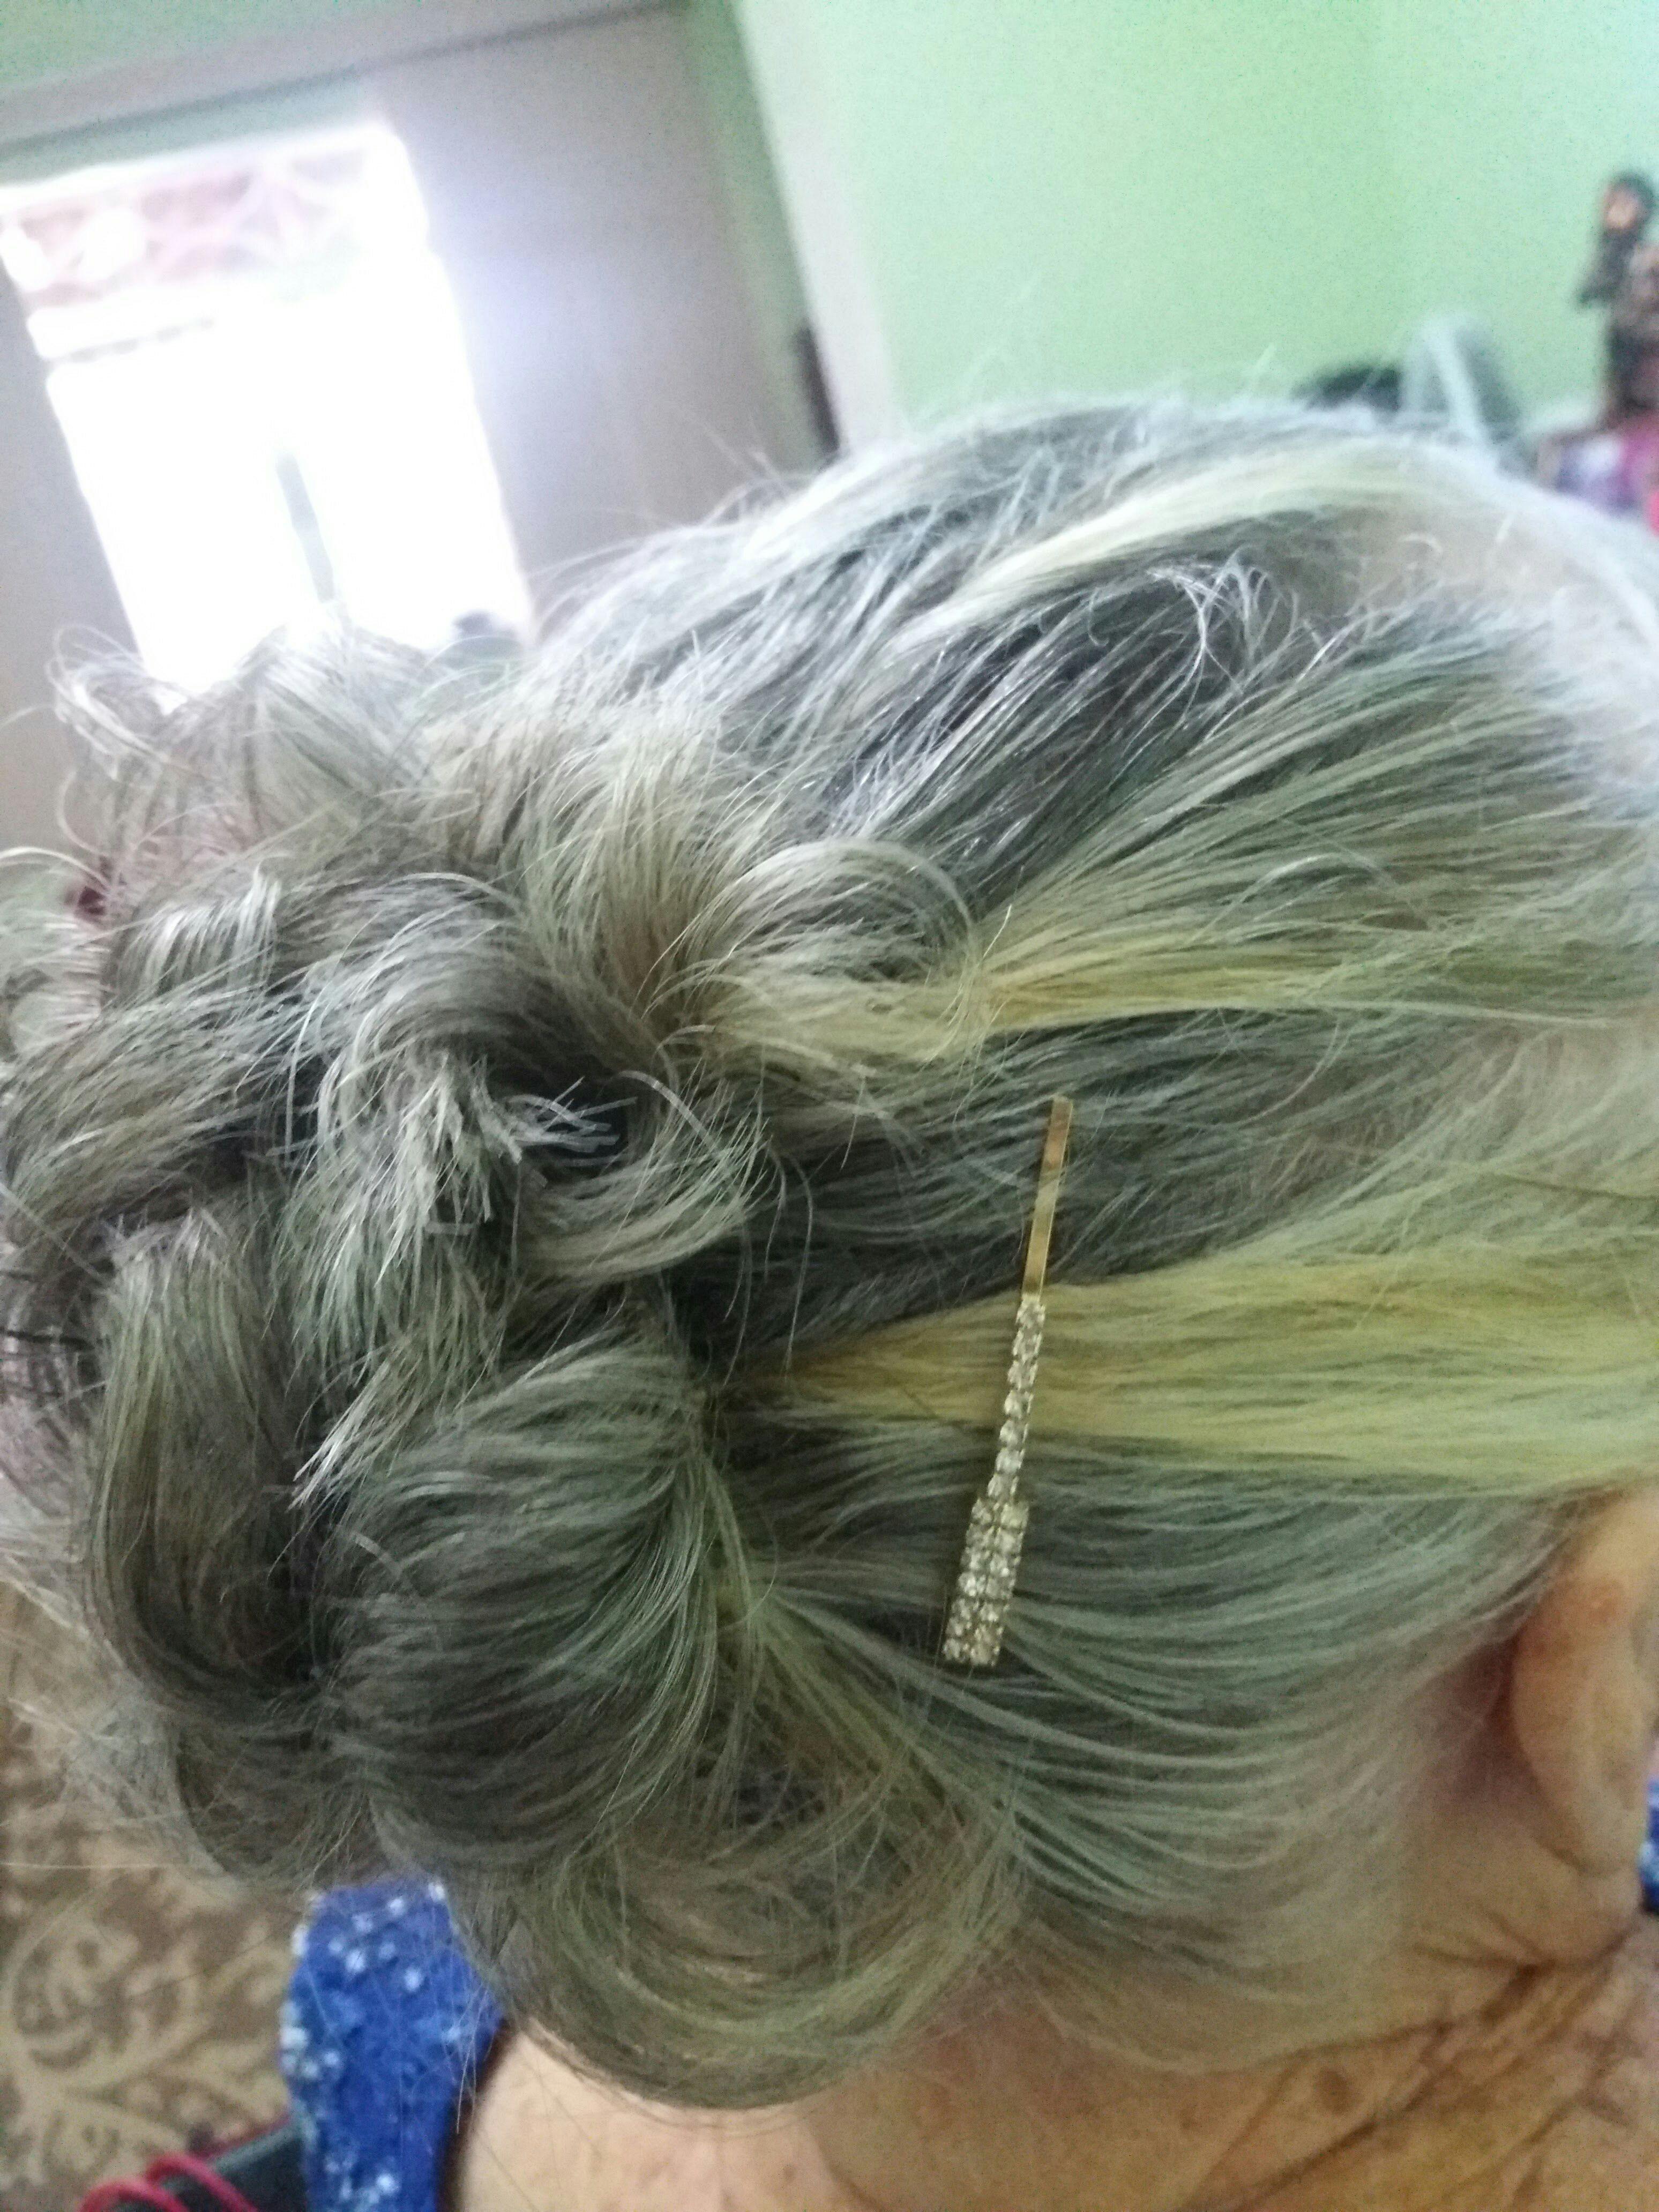 Penteado para senhora..  #cabelo #diaespecial #festa #casamento #cabelocurto cabelo manicure e pedicure maquiador(a) cabeleireiro(a) auxiliar cabeleireiro(a) escovista